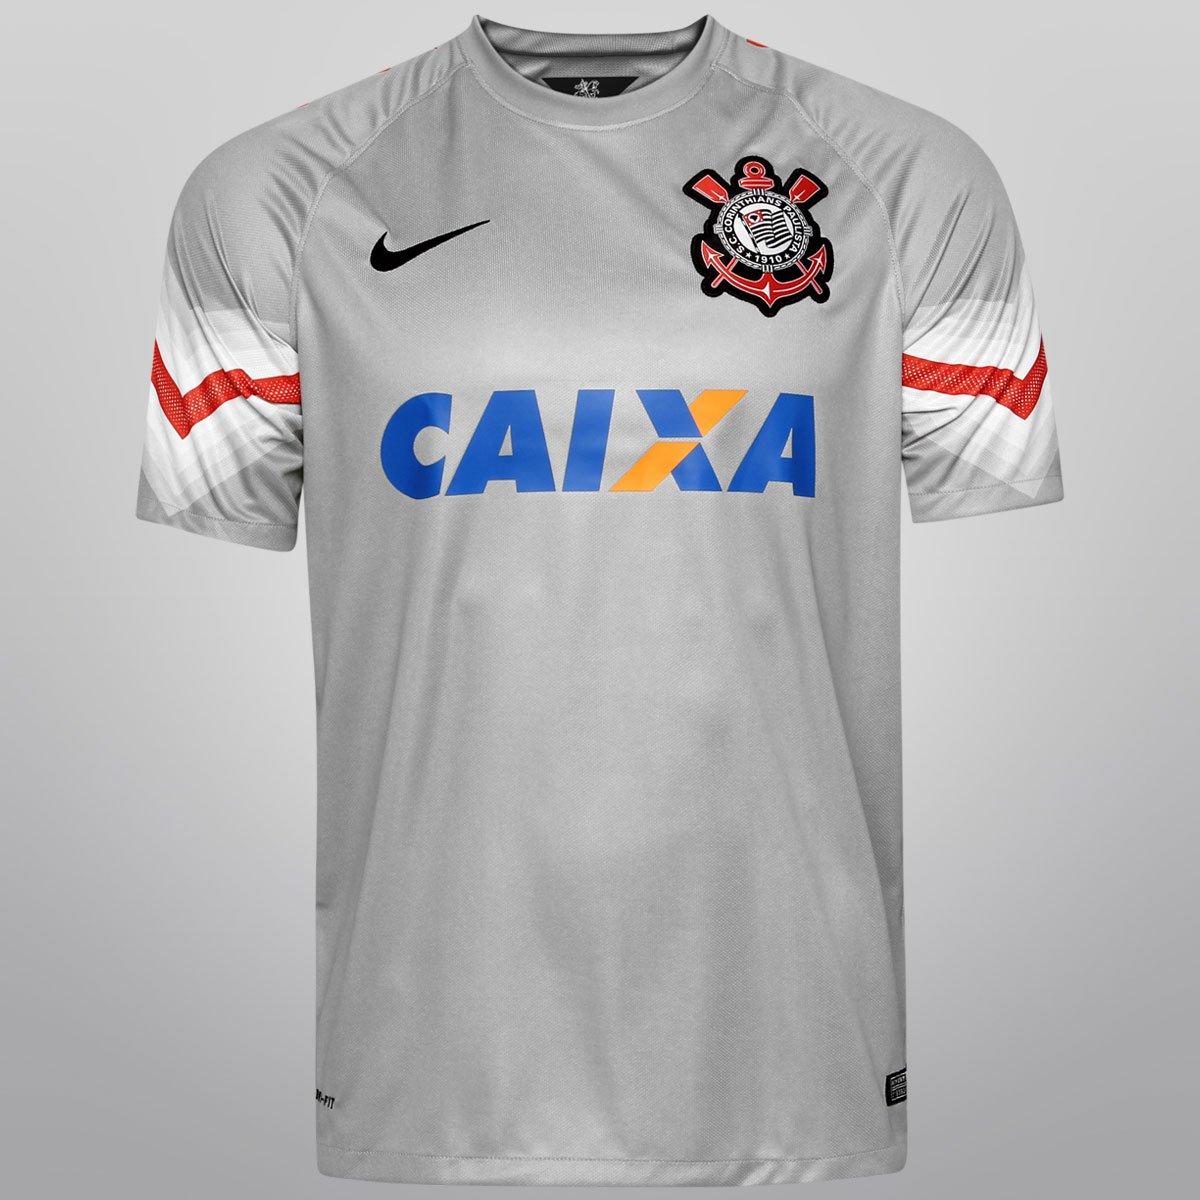 e77fb06c8da2b Camisa Nike Corinthians Goleiro 14 15 s nº - Compre Agora